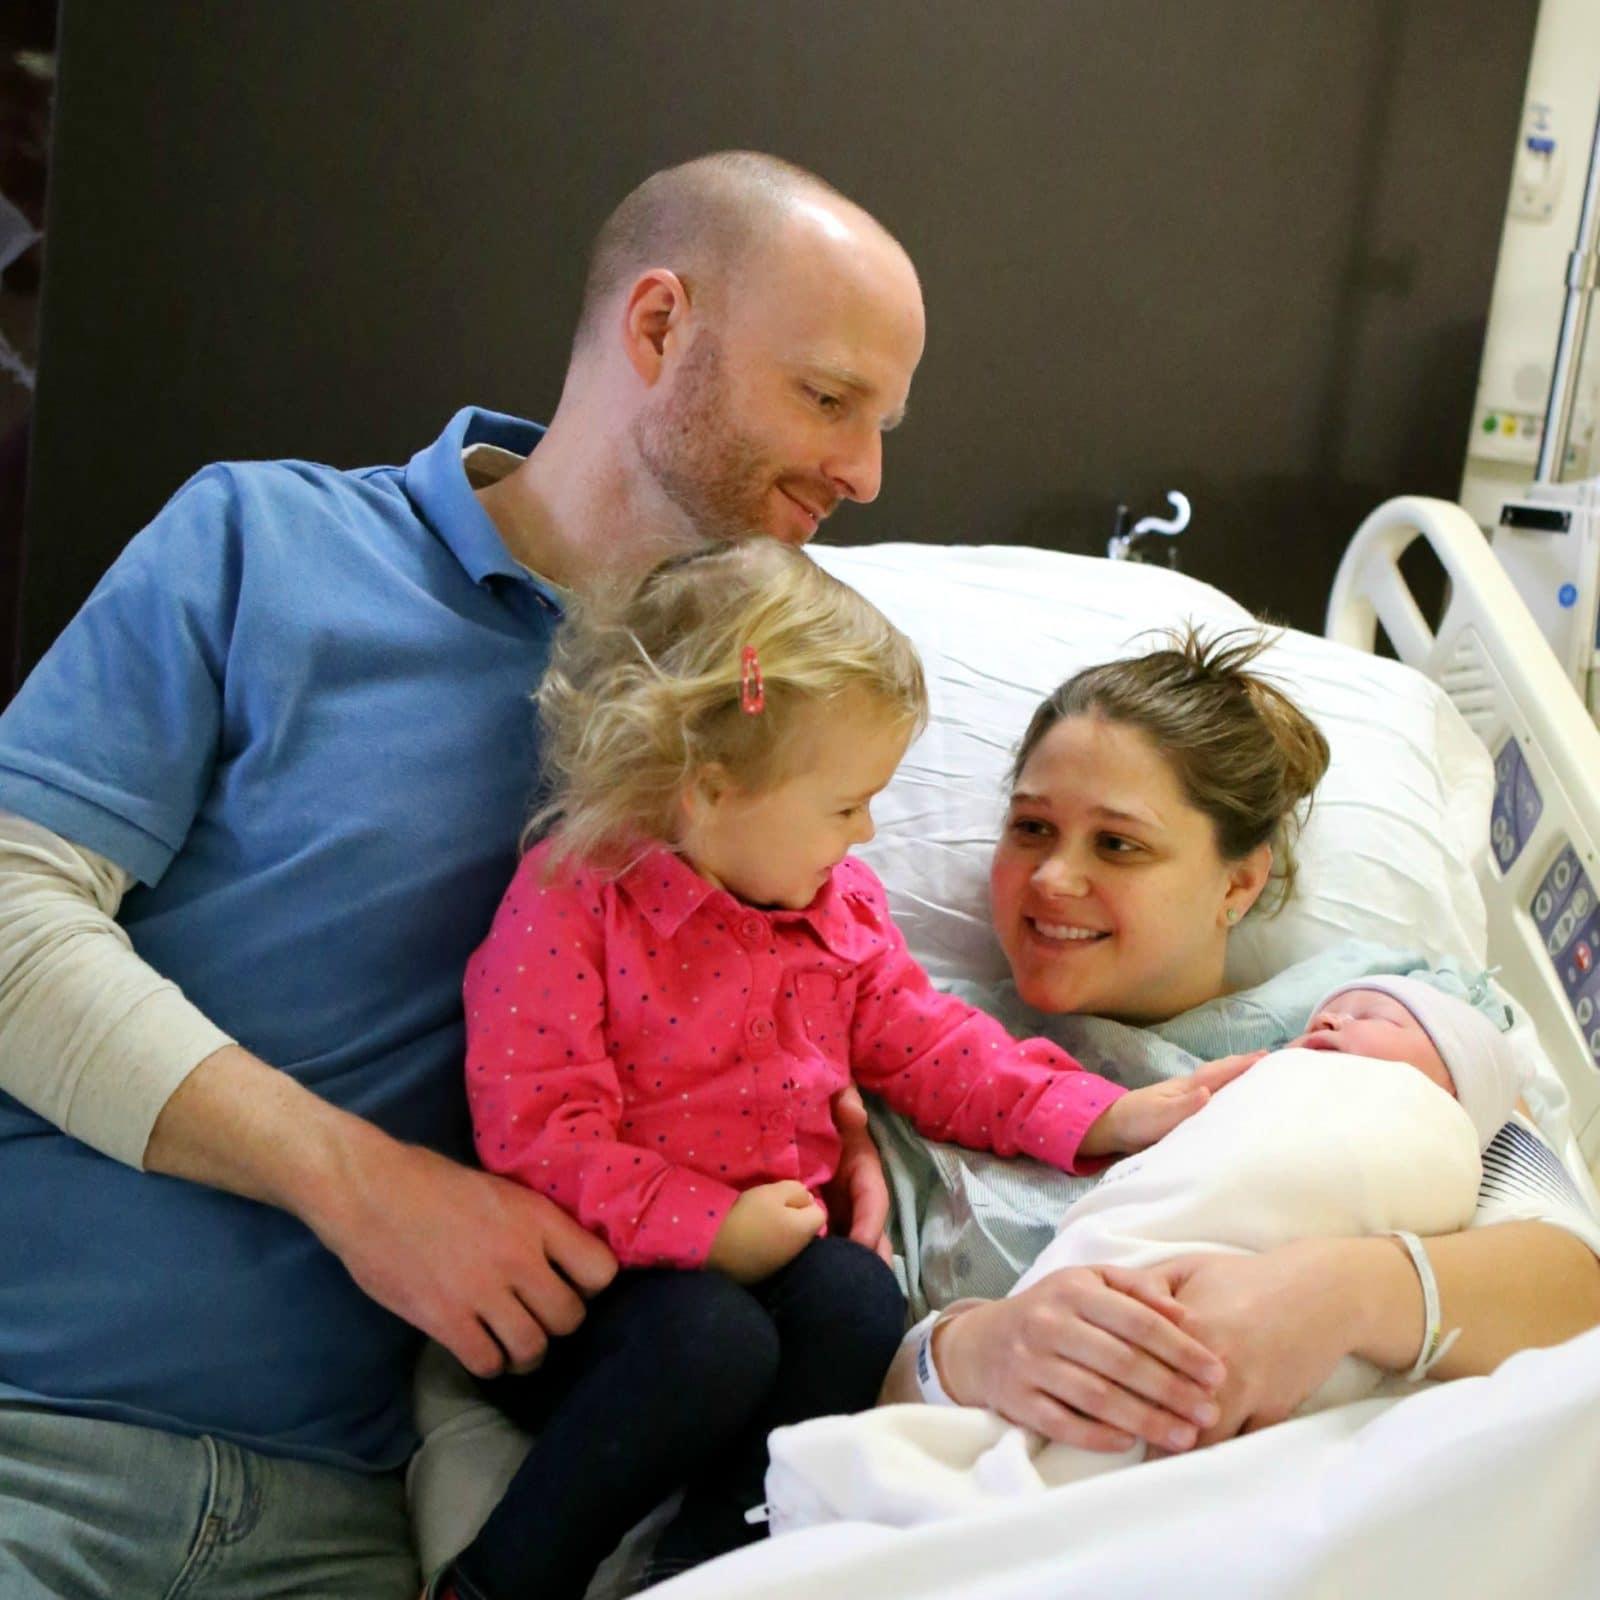 Micah & Family IMG_3735_zps05e5b484